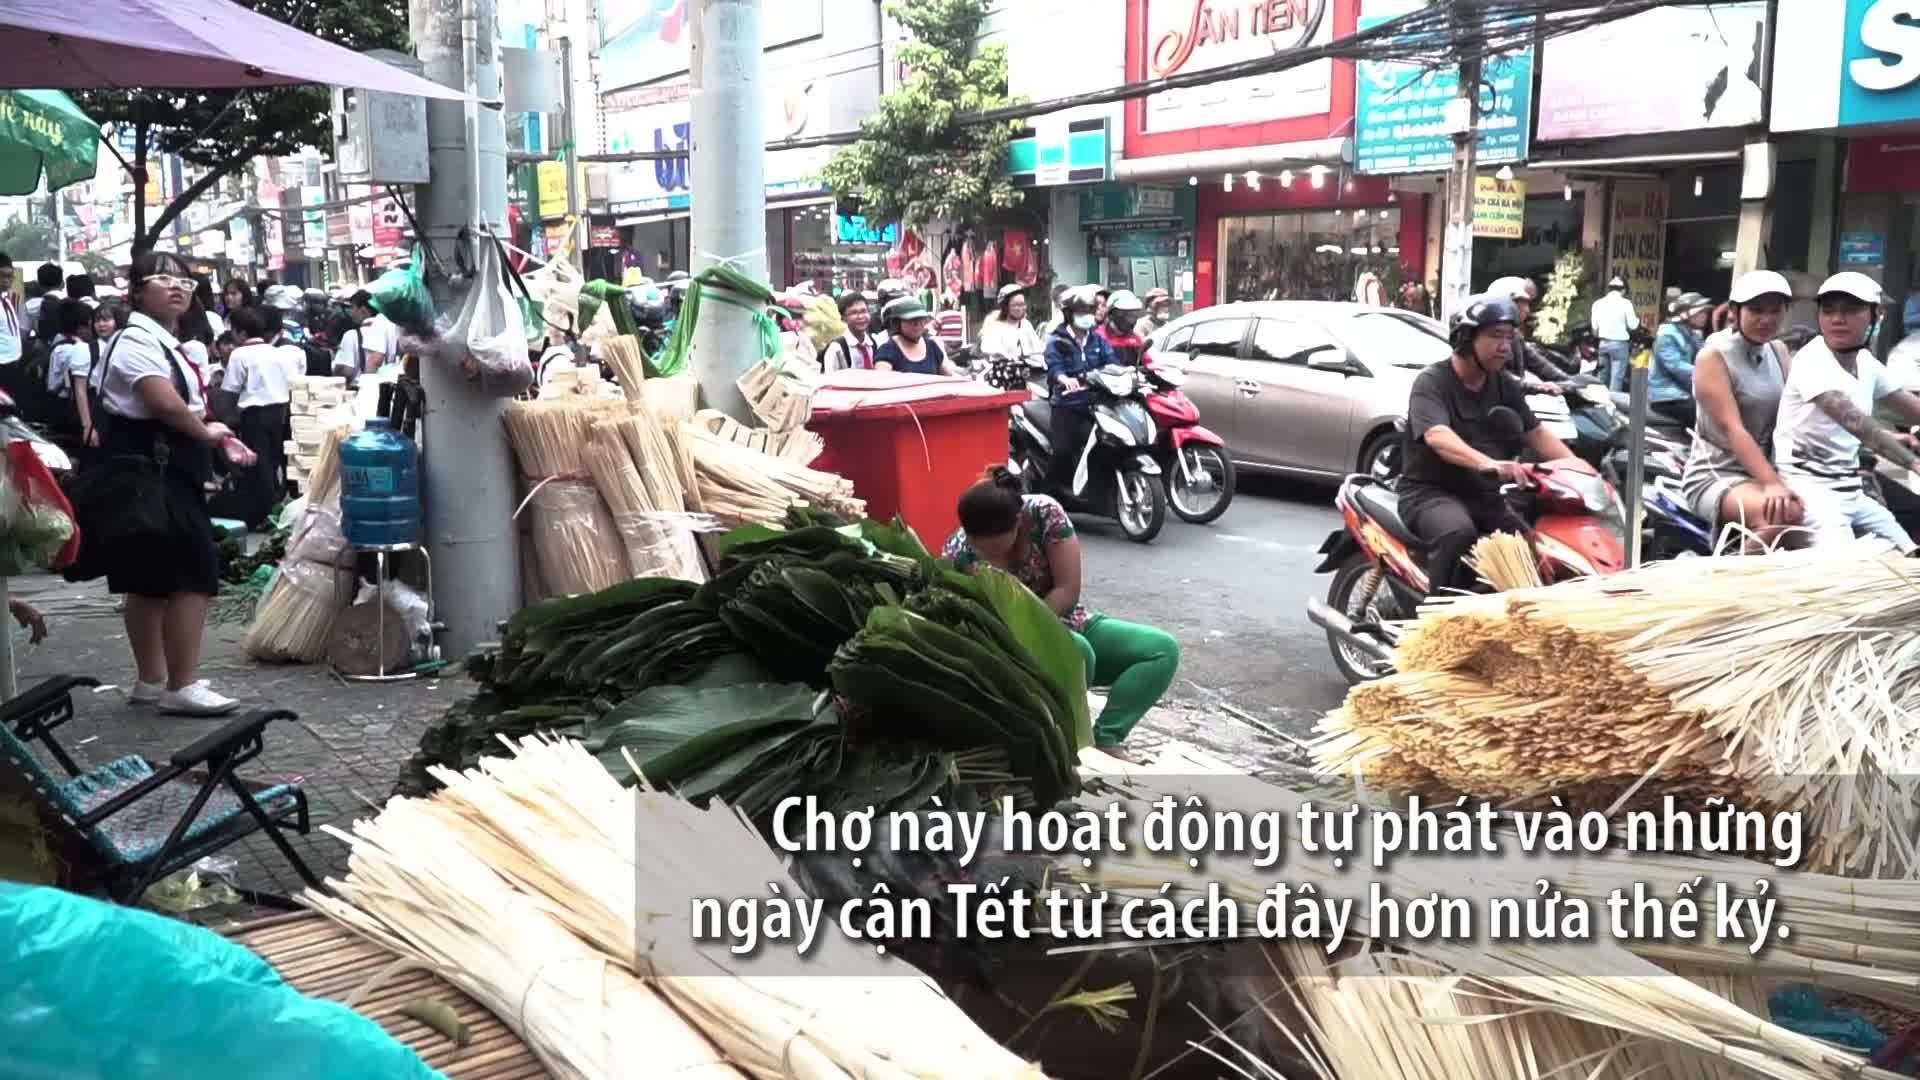 Chợ lá hơn nửa thế kỷ mỗi năm họp một lần ở Sài Gòn